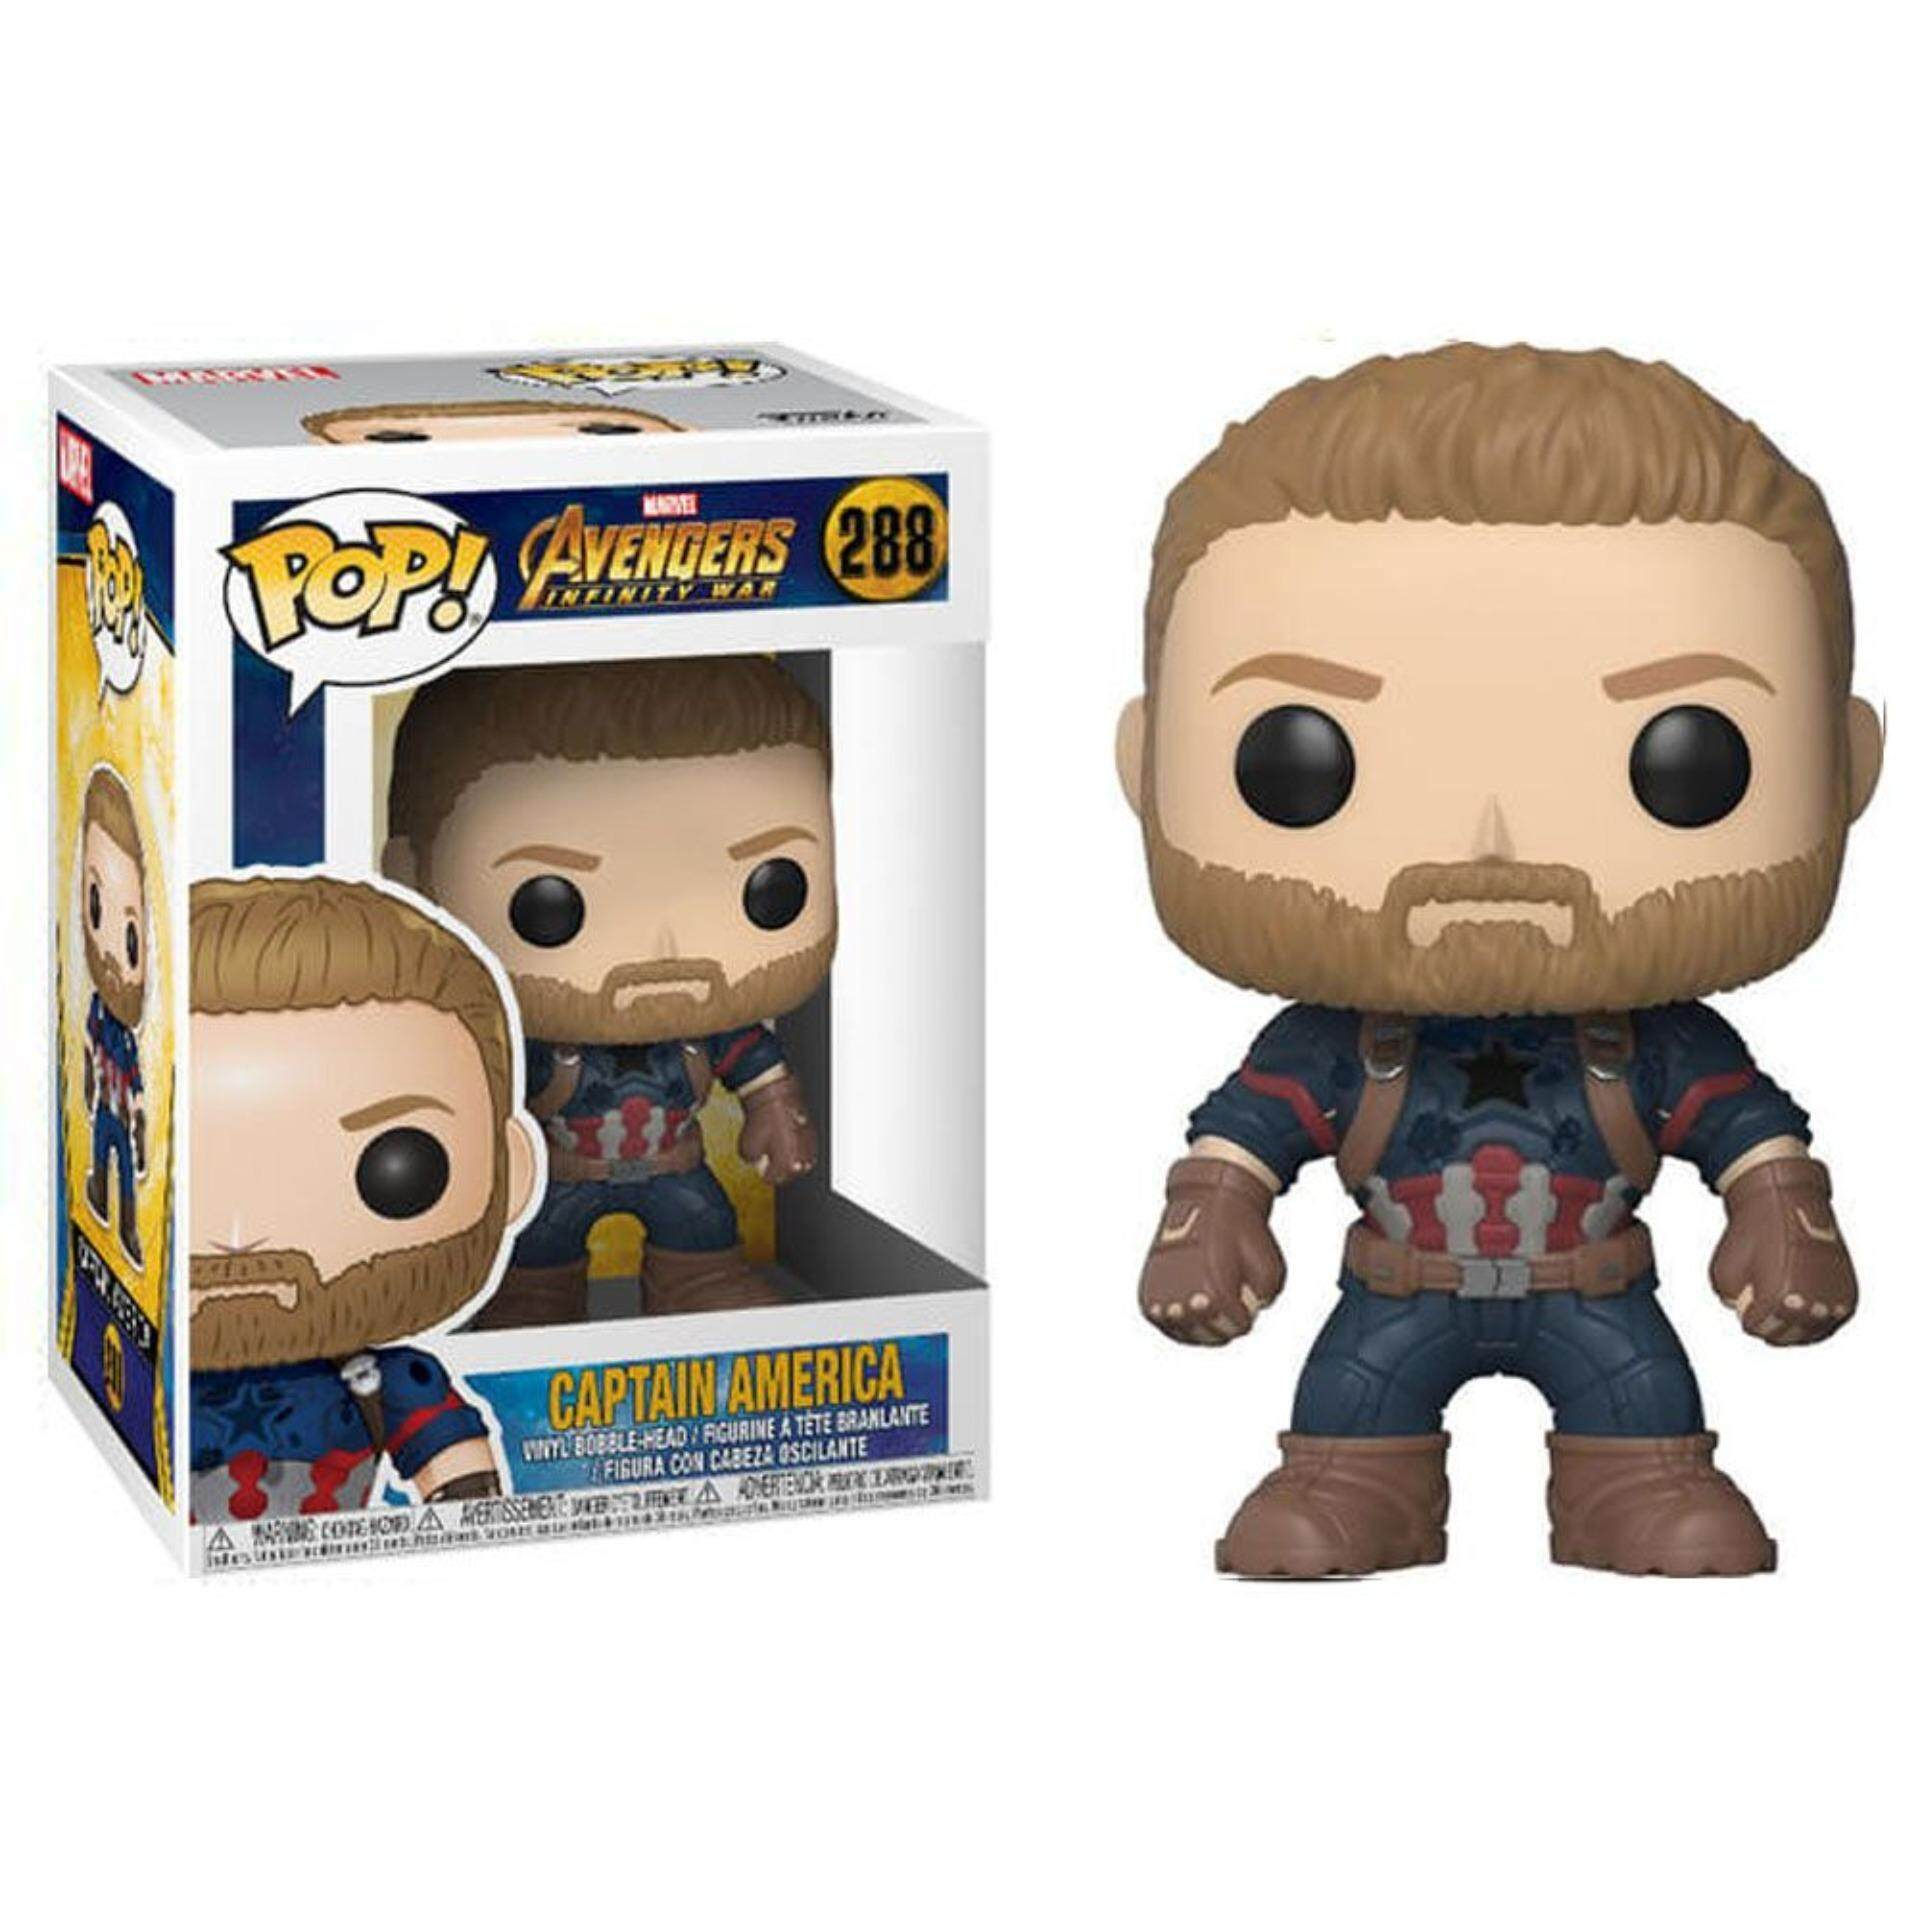 FUNKO POP! Marvel Avengers Infinity War Figure - Captain America Toys for boys